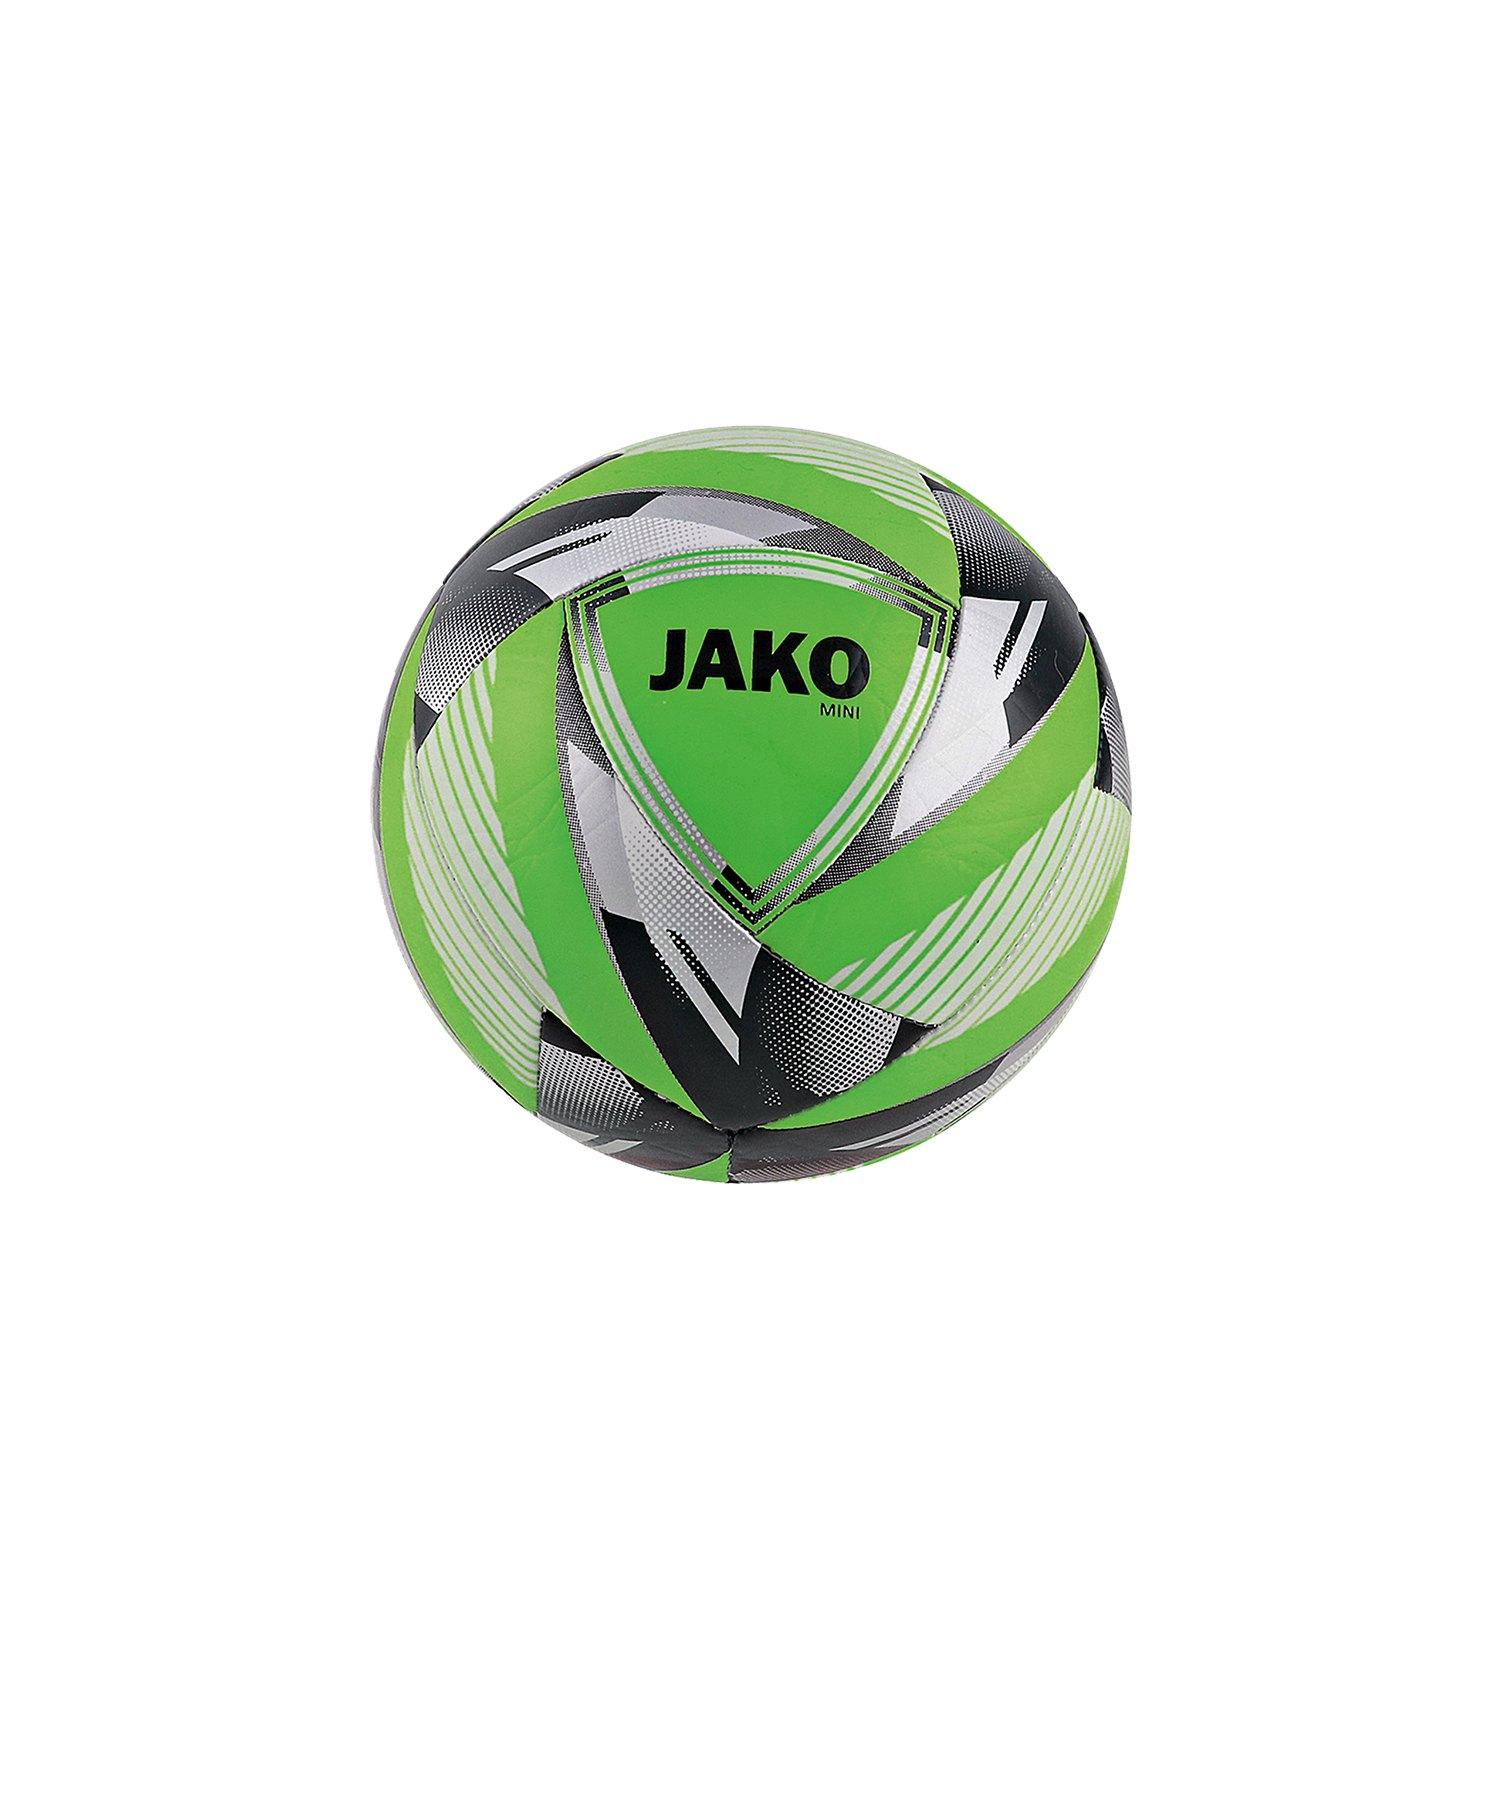 Jako Miniball Neon Grün Silber F25 - Gruen